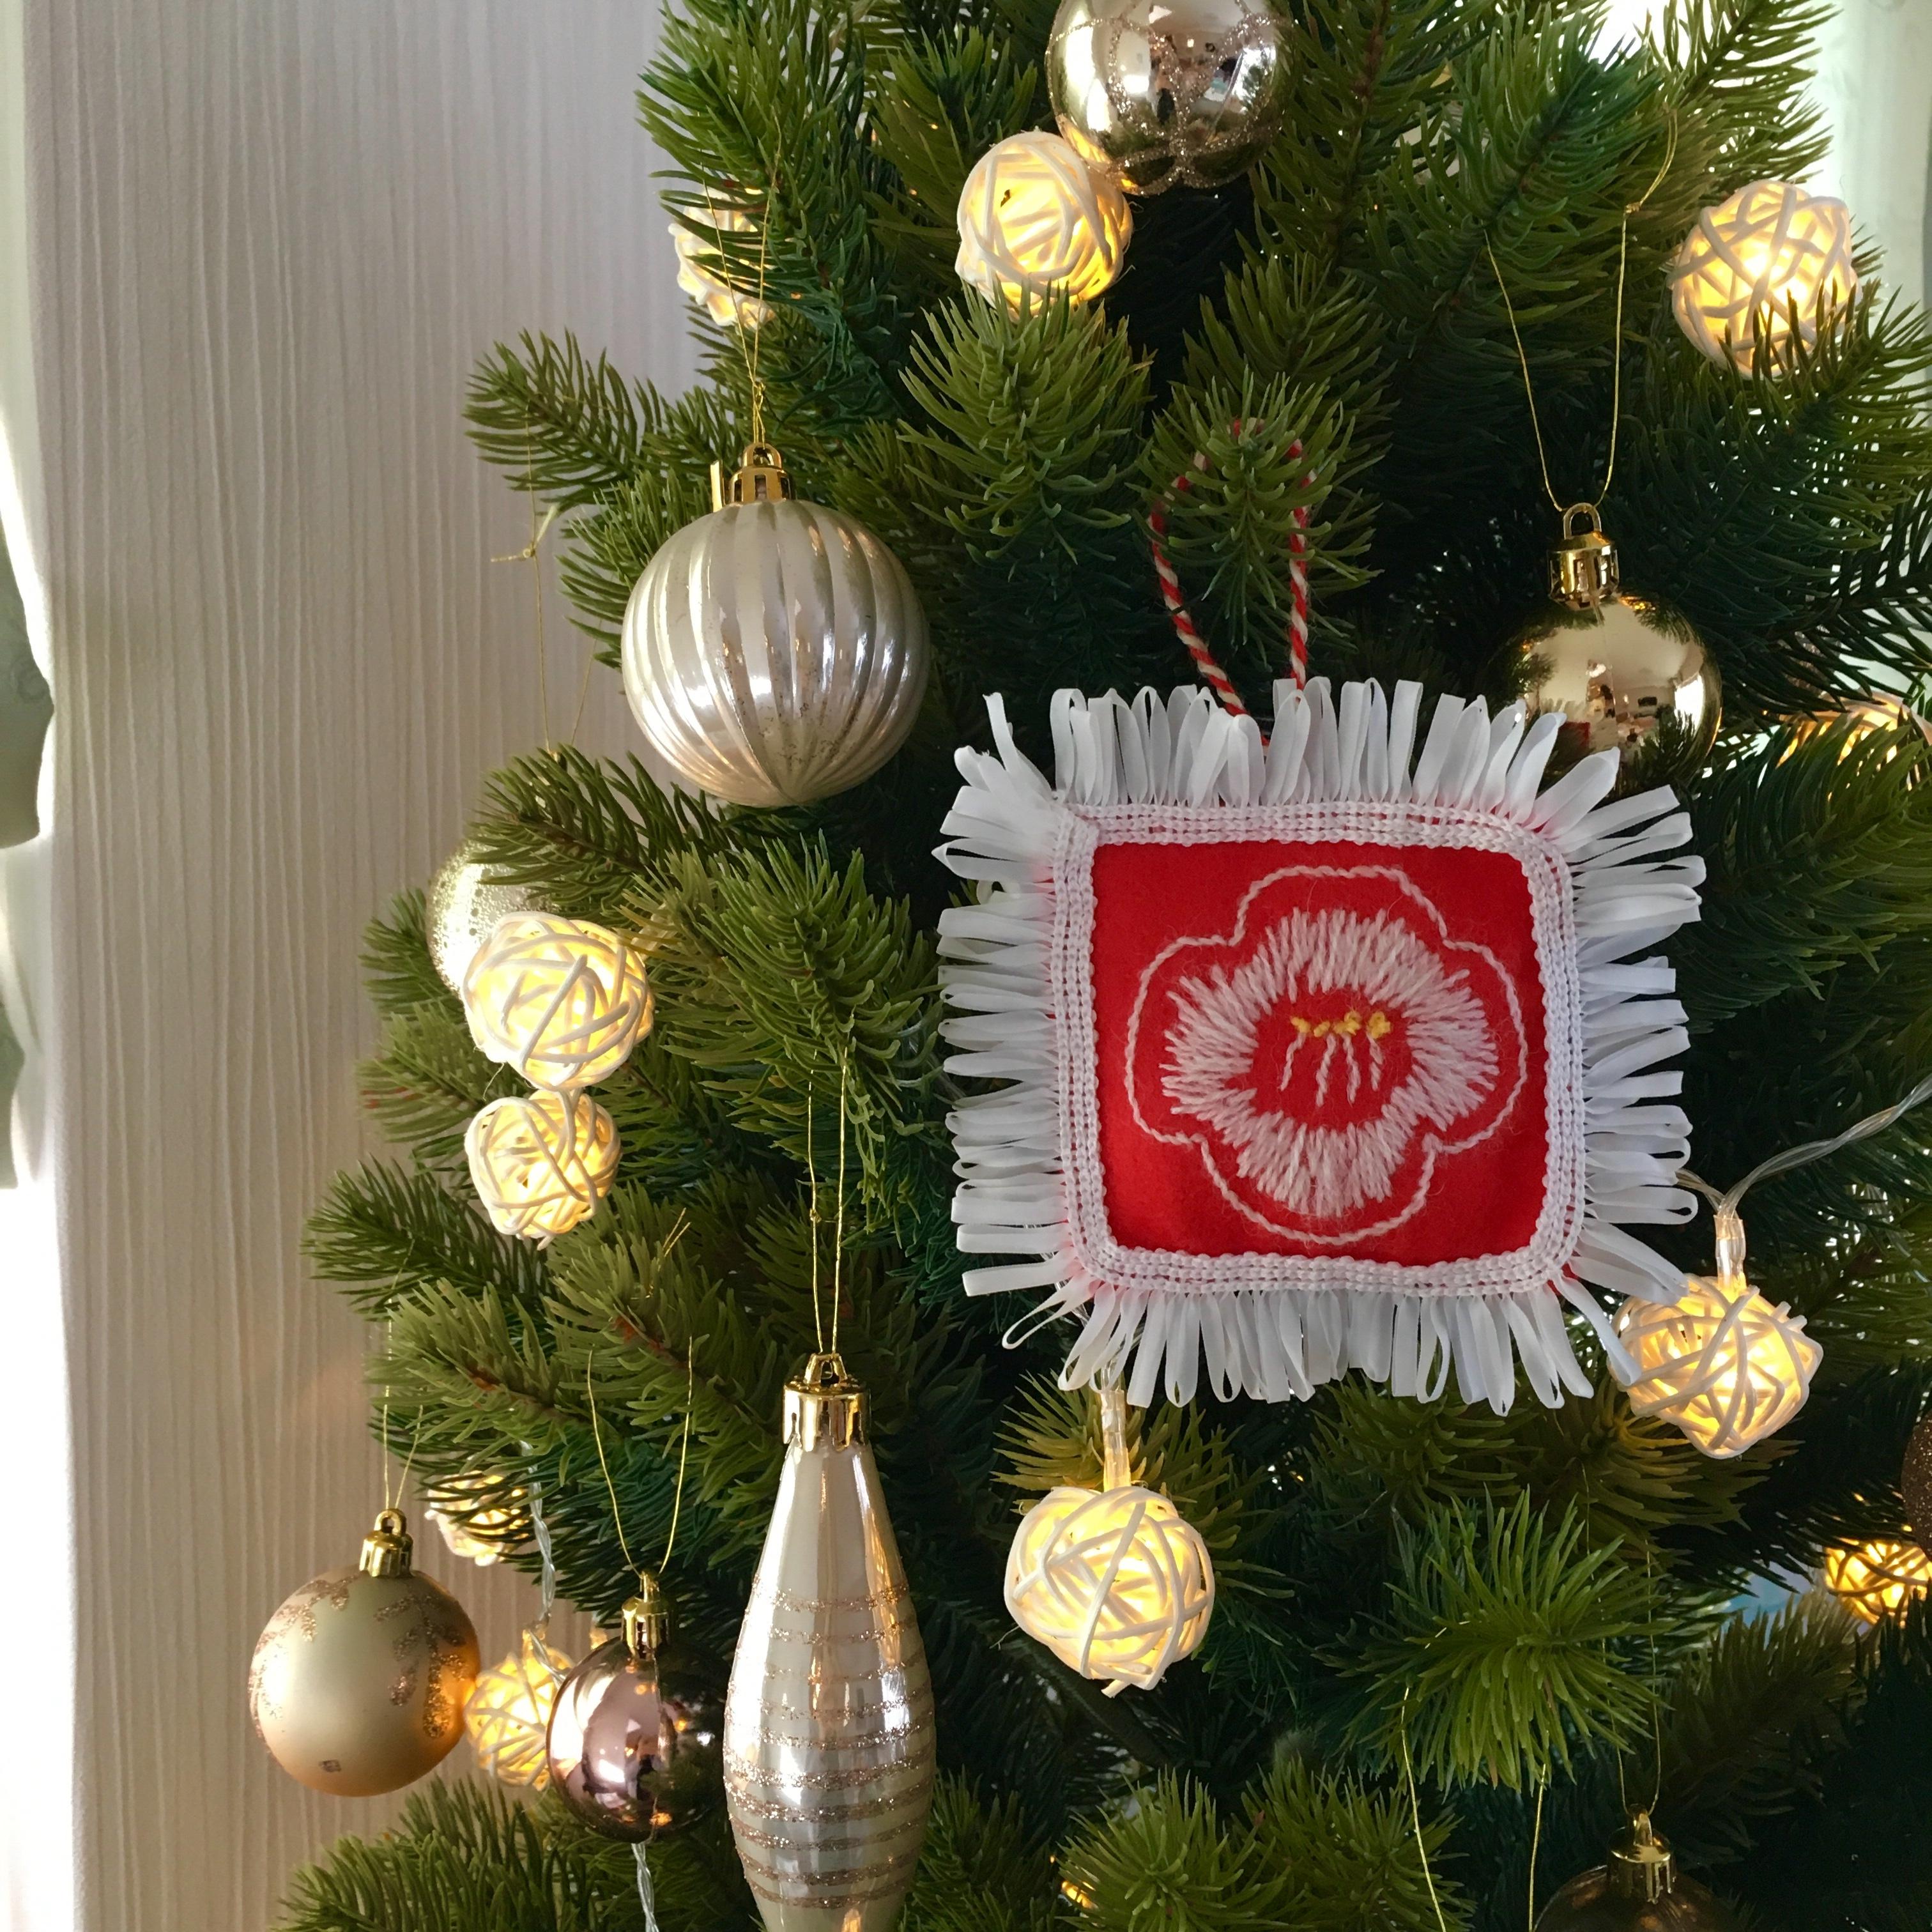 わちさんの北欧刺繍オーナメントでクリスマスツリーが華やかに✨ | lee